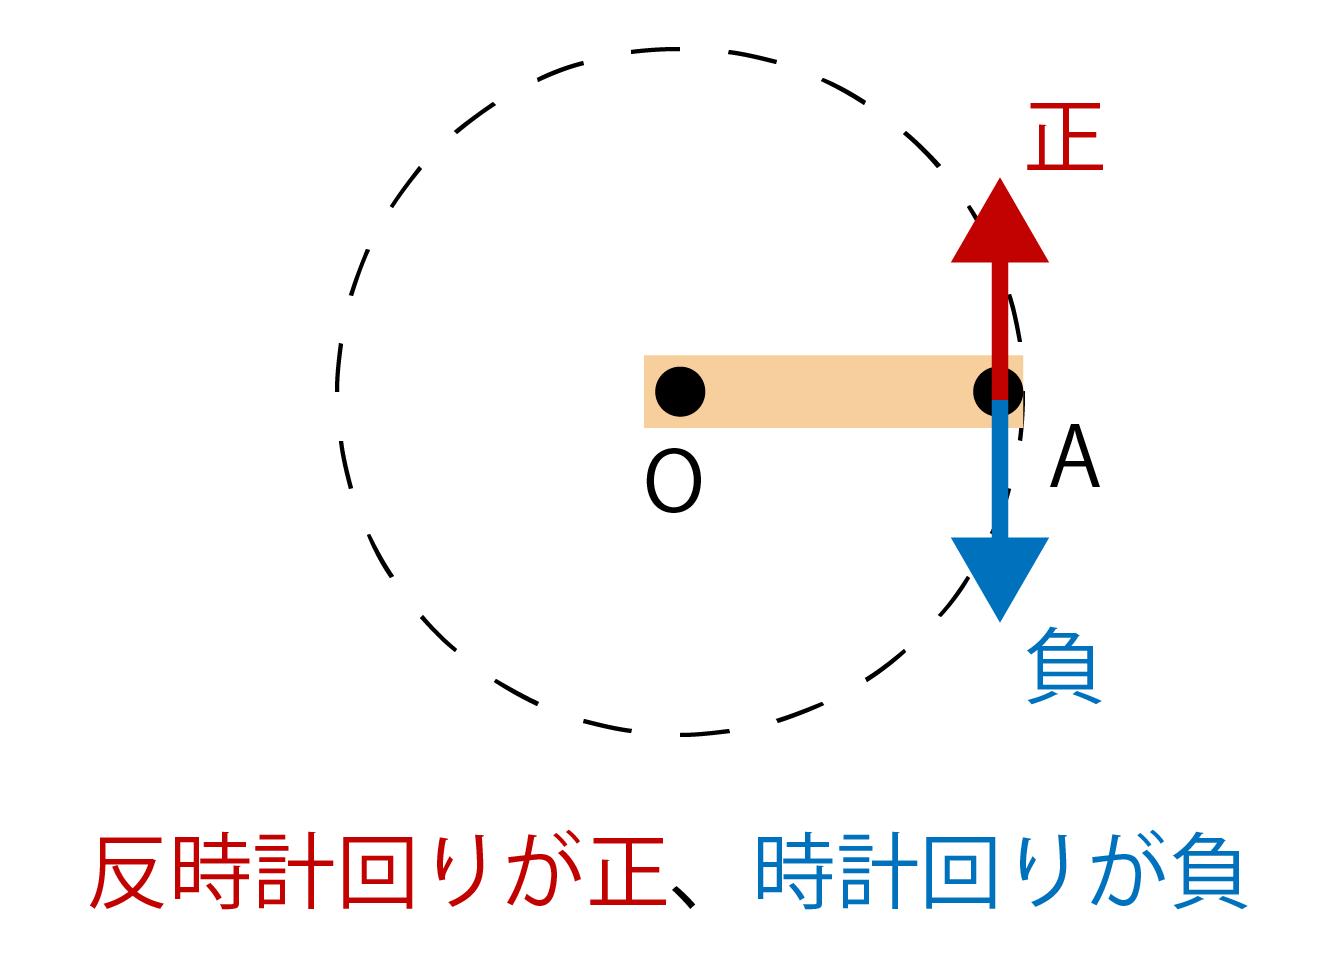 力のモーメントの正と負の関係画像